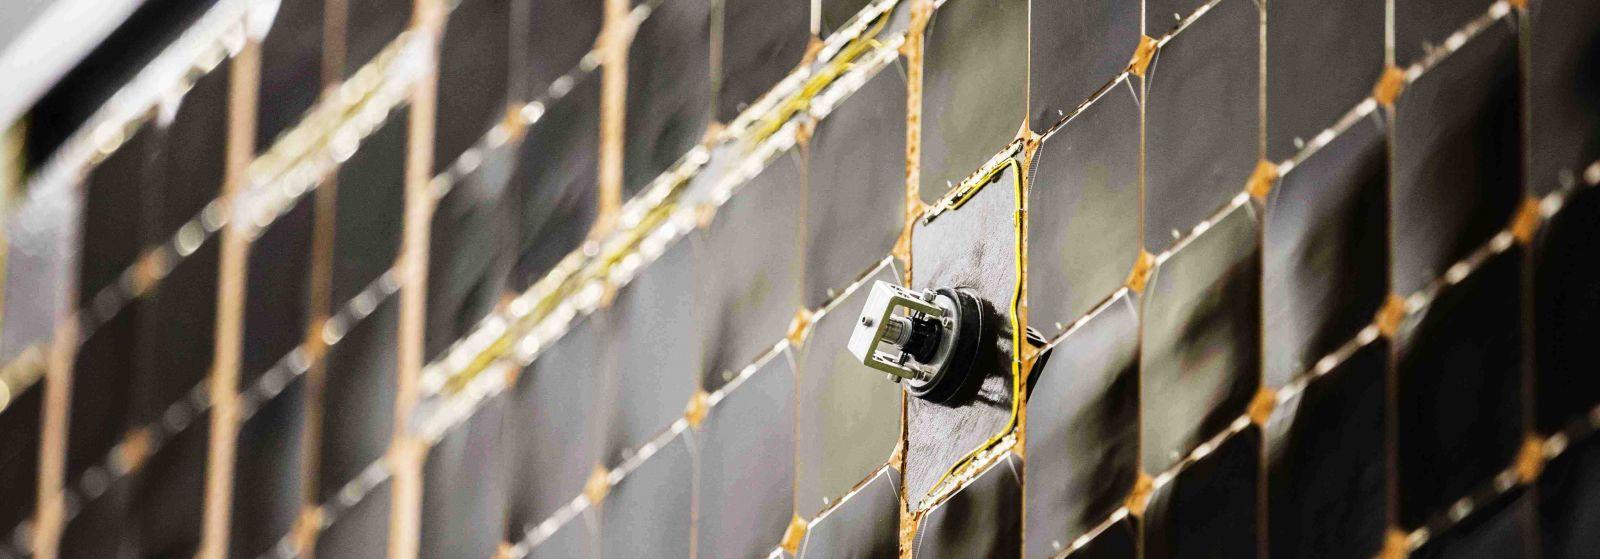 GovSat-1-manufacturing-1-Credit_GovSat